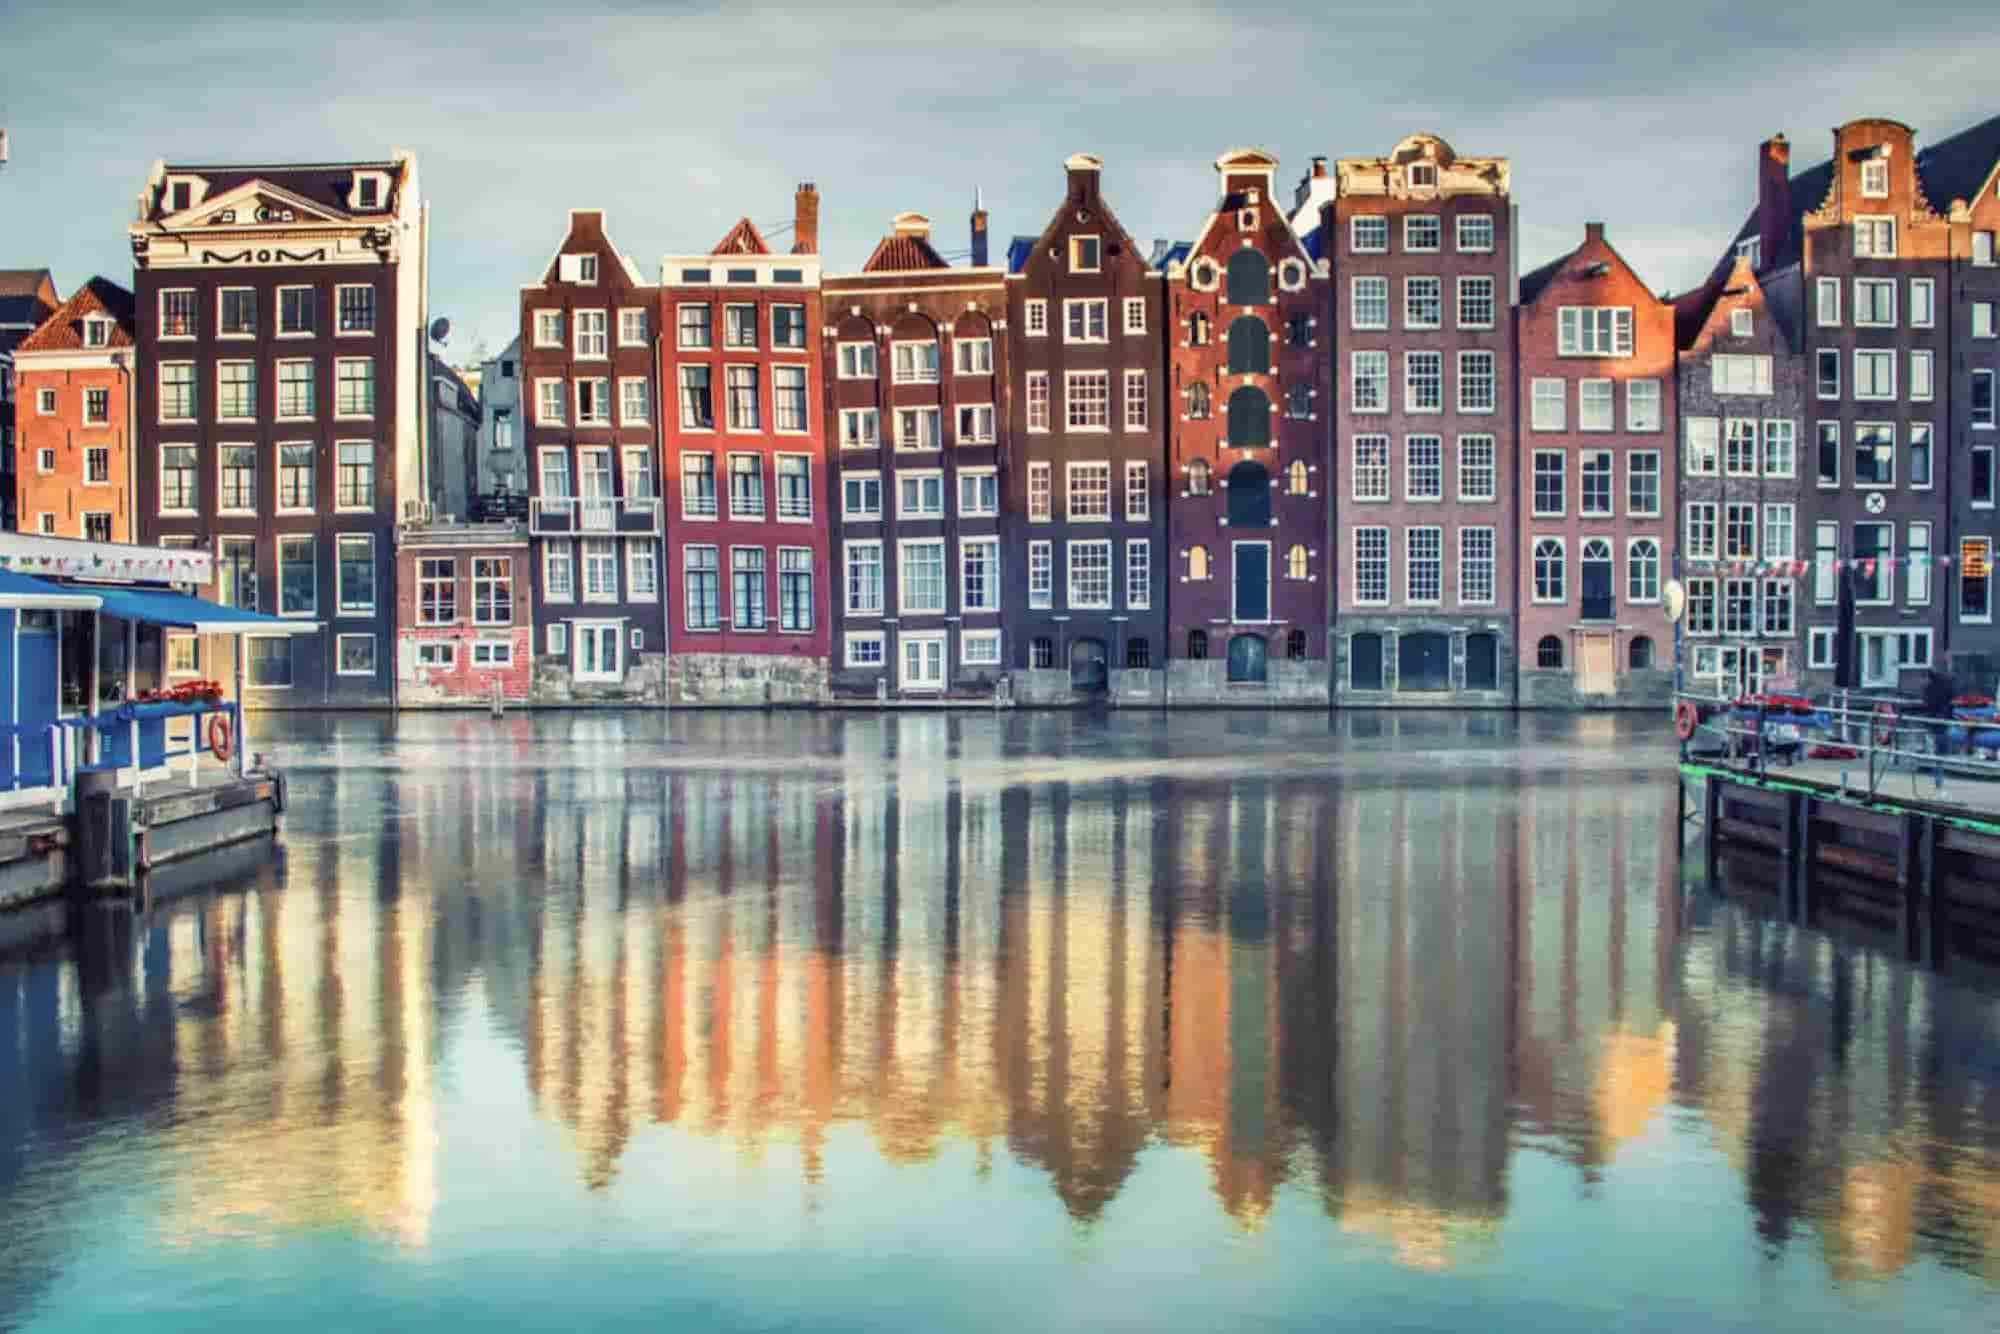 Die historische Häuser-Silhoutte von Amsterdam